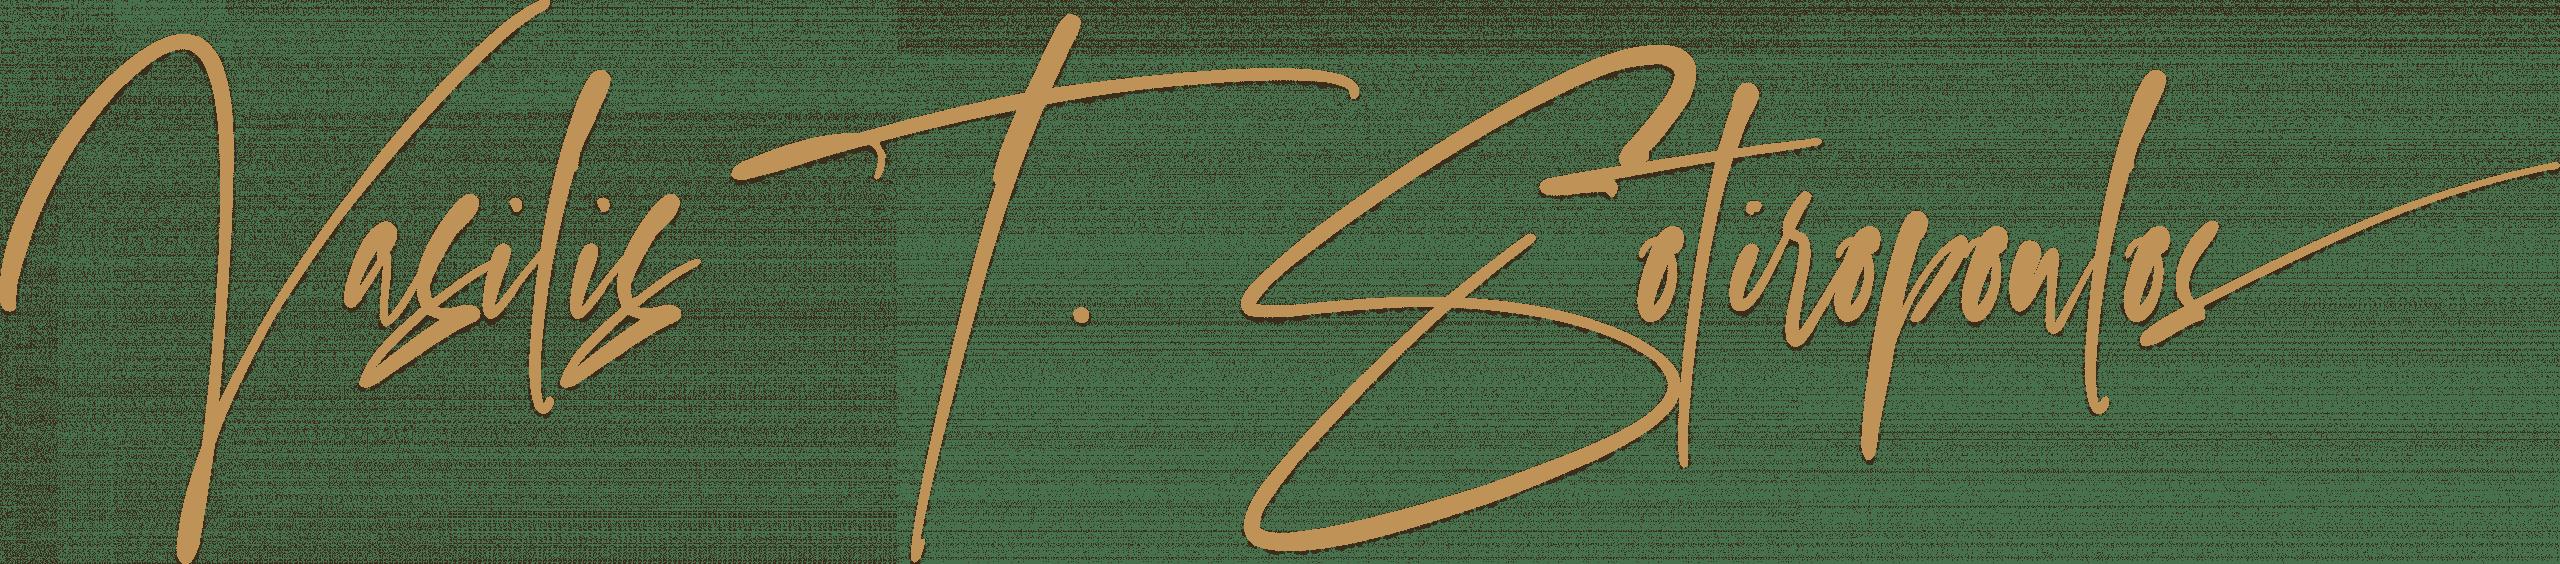 Gold signature of Mr Vas. Sotiropoulos